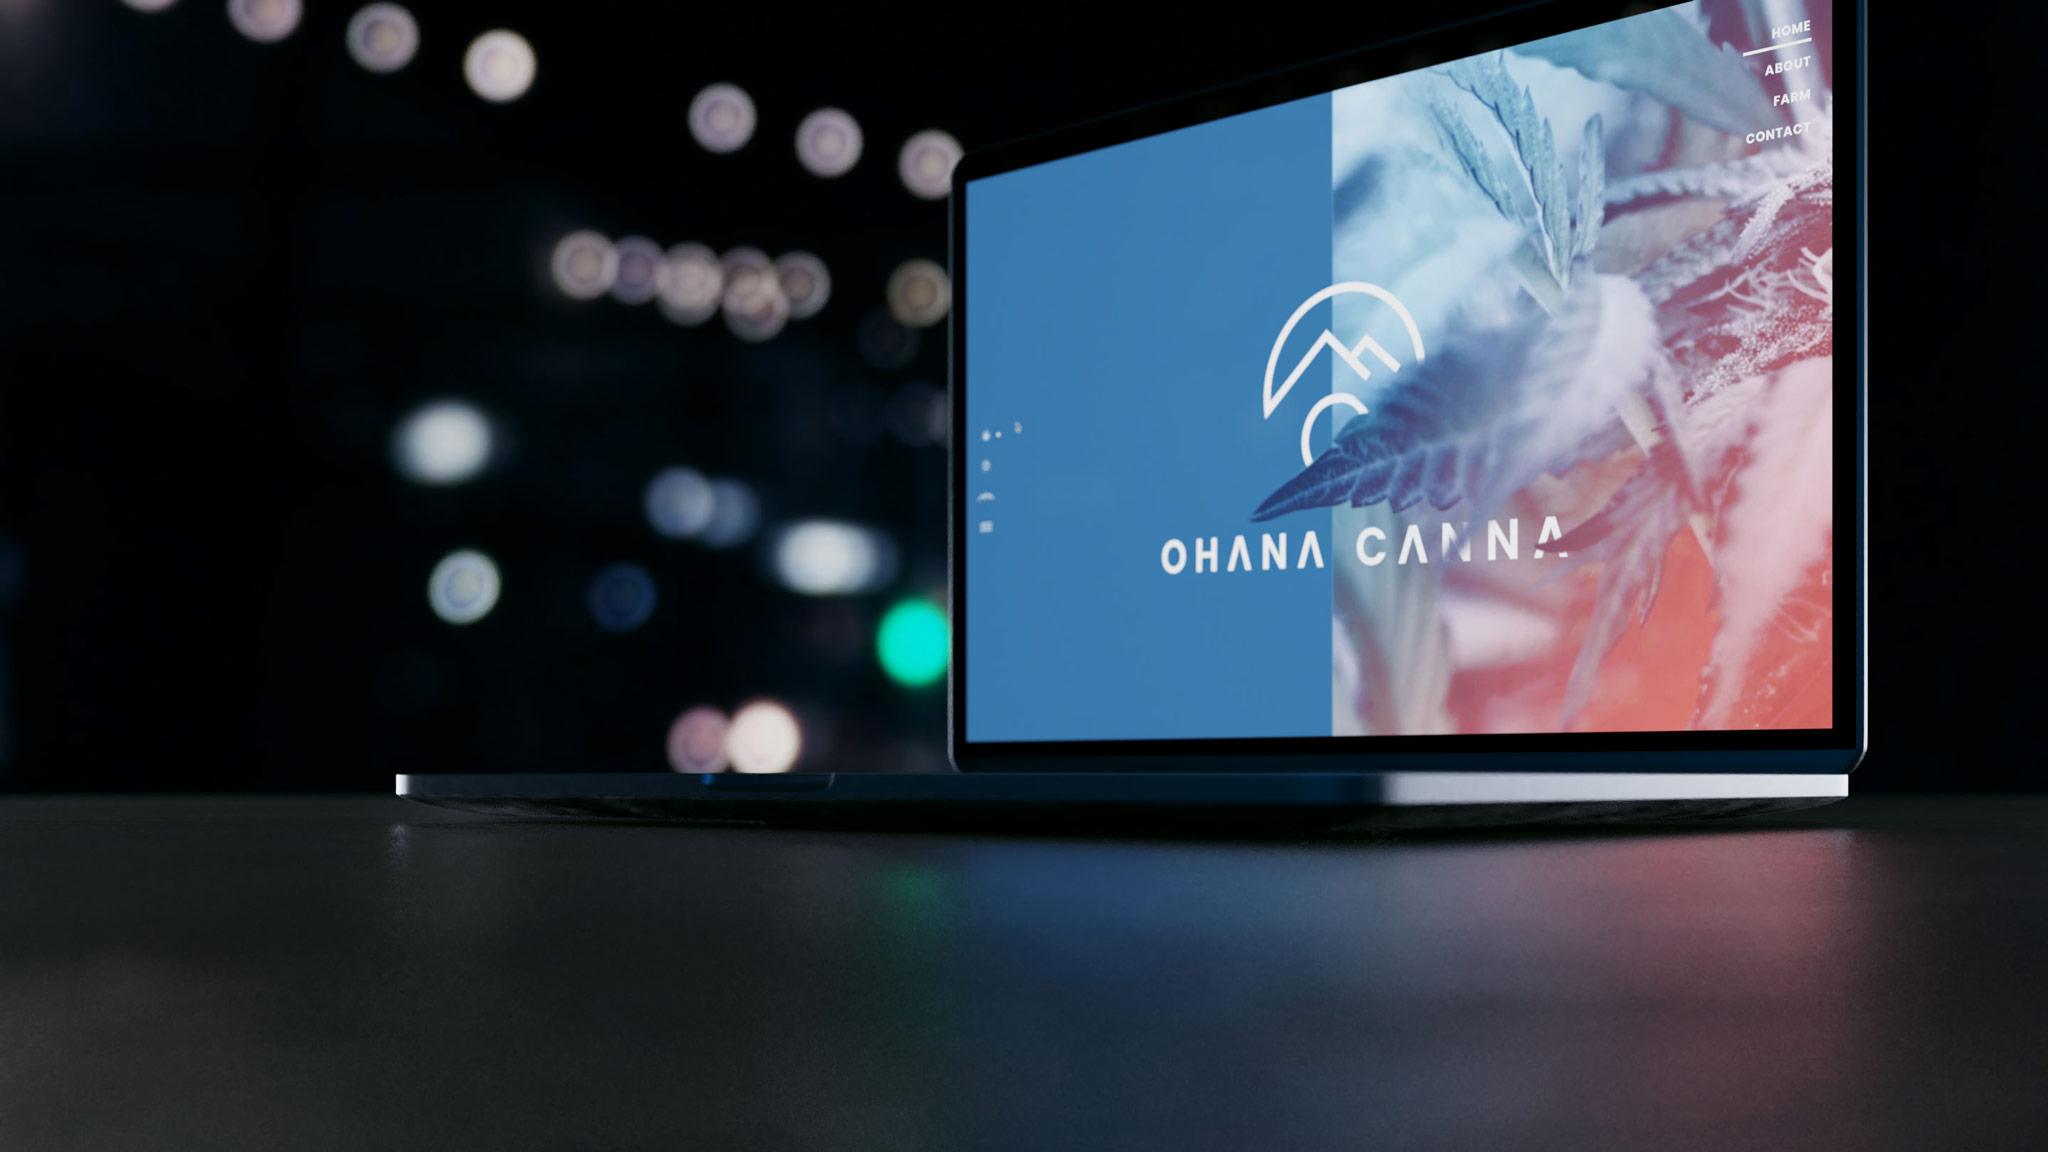 Preview of Ohana Canna website design